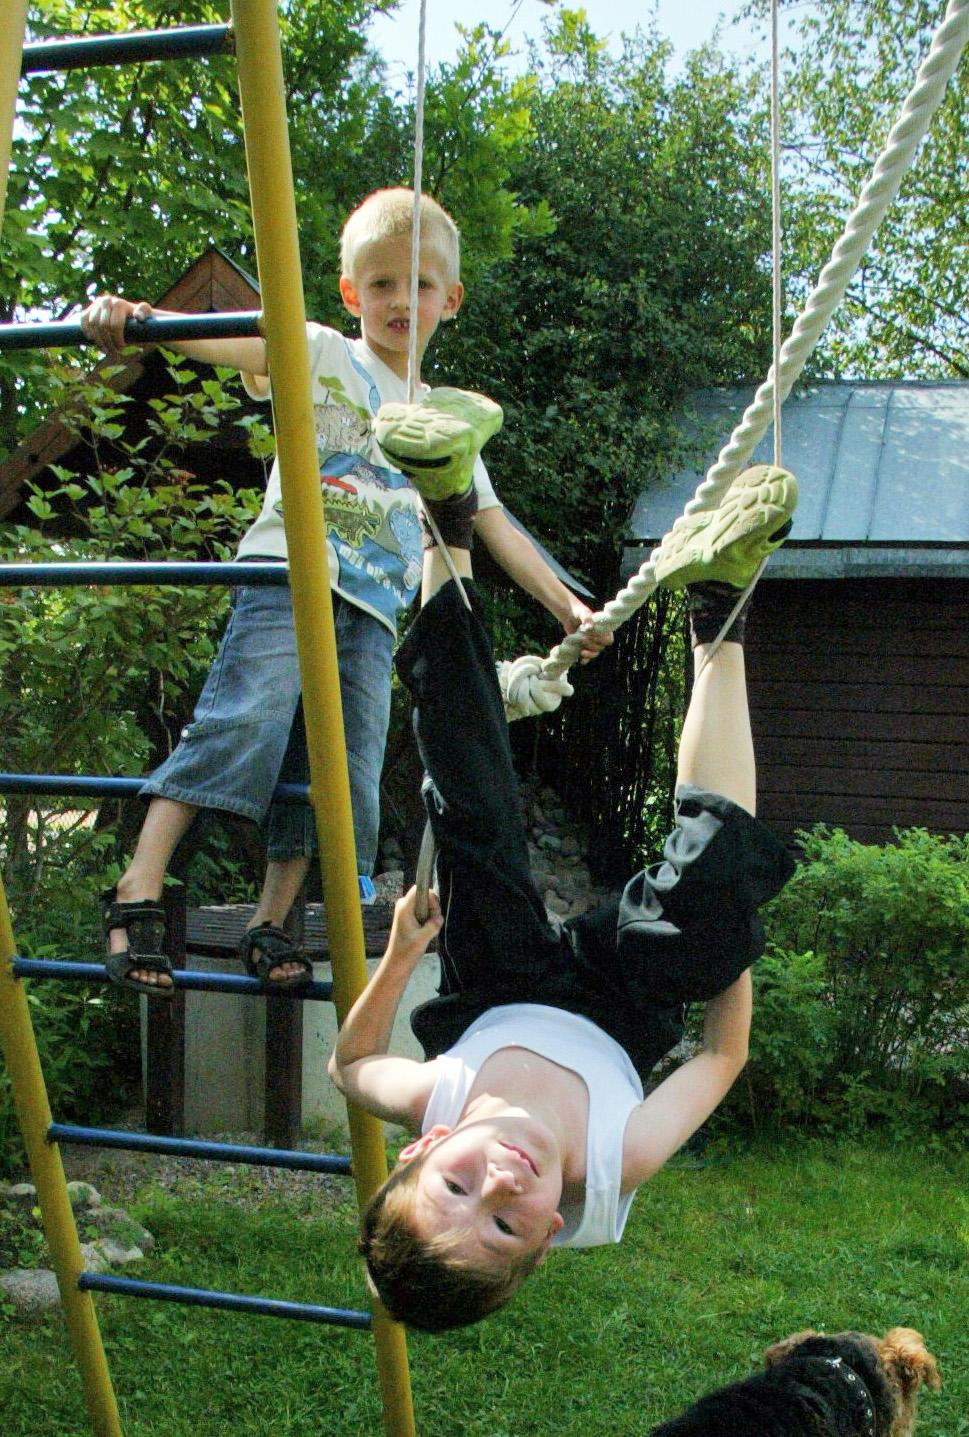 Детям не терпится продемонстрировать сверстникам свои новые умения и навыки, забыв об осторожности... Фото: Тимур ХАНОВ